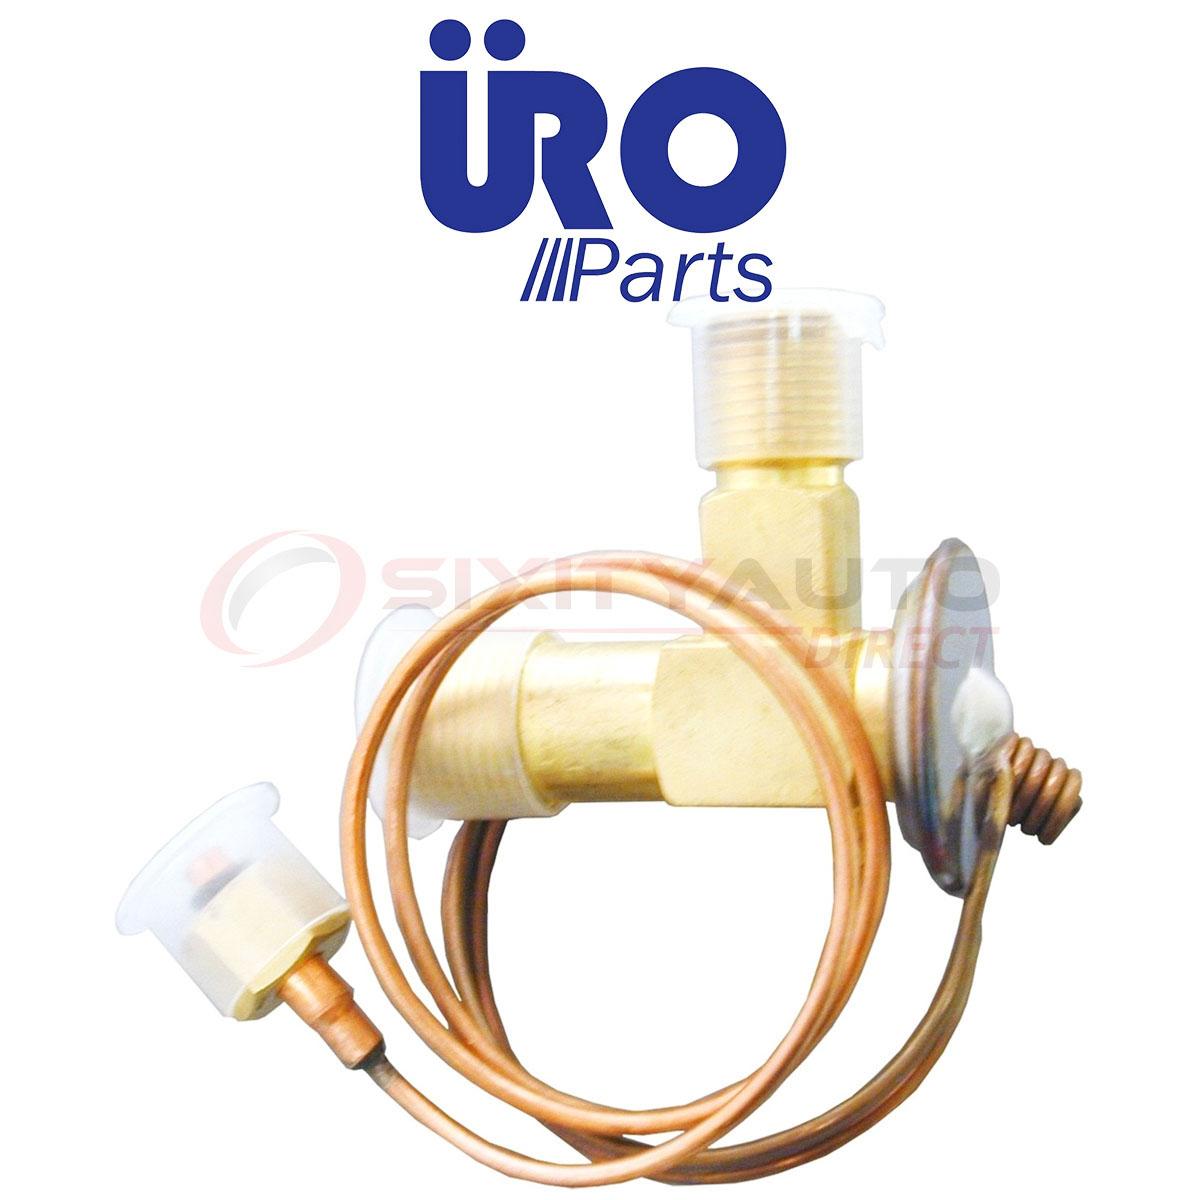 A//C Expansion Valve URO Parts 90157391500